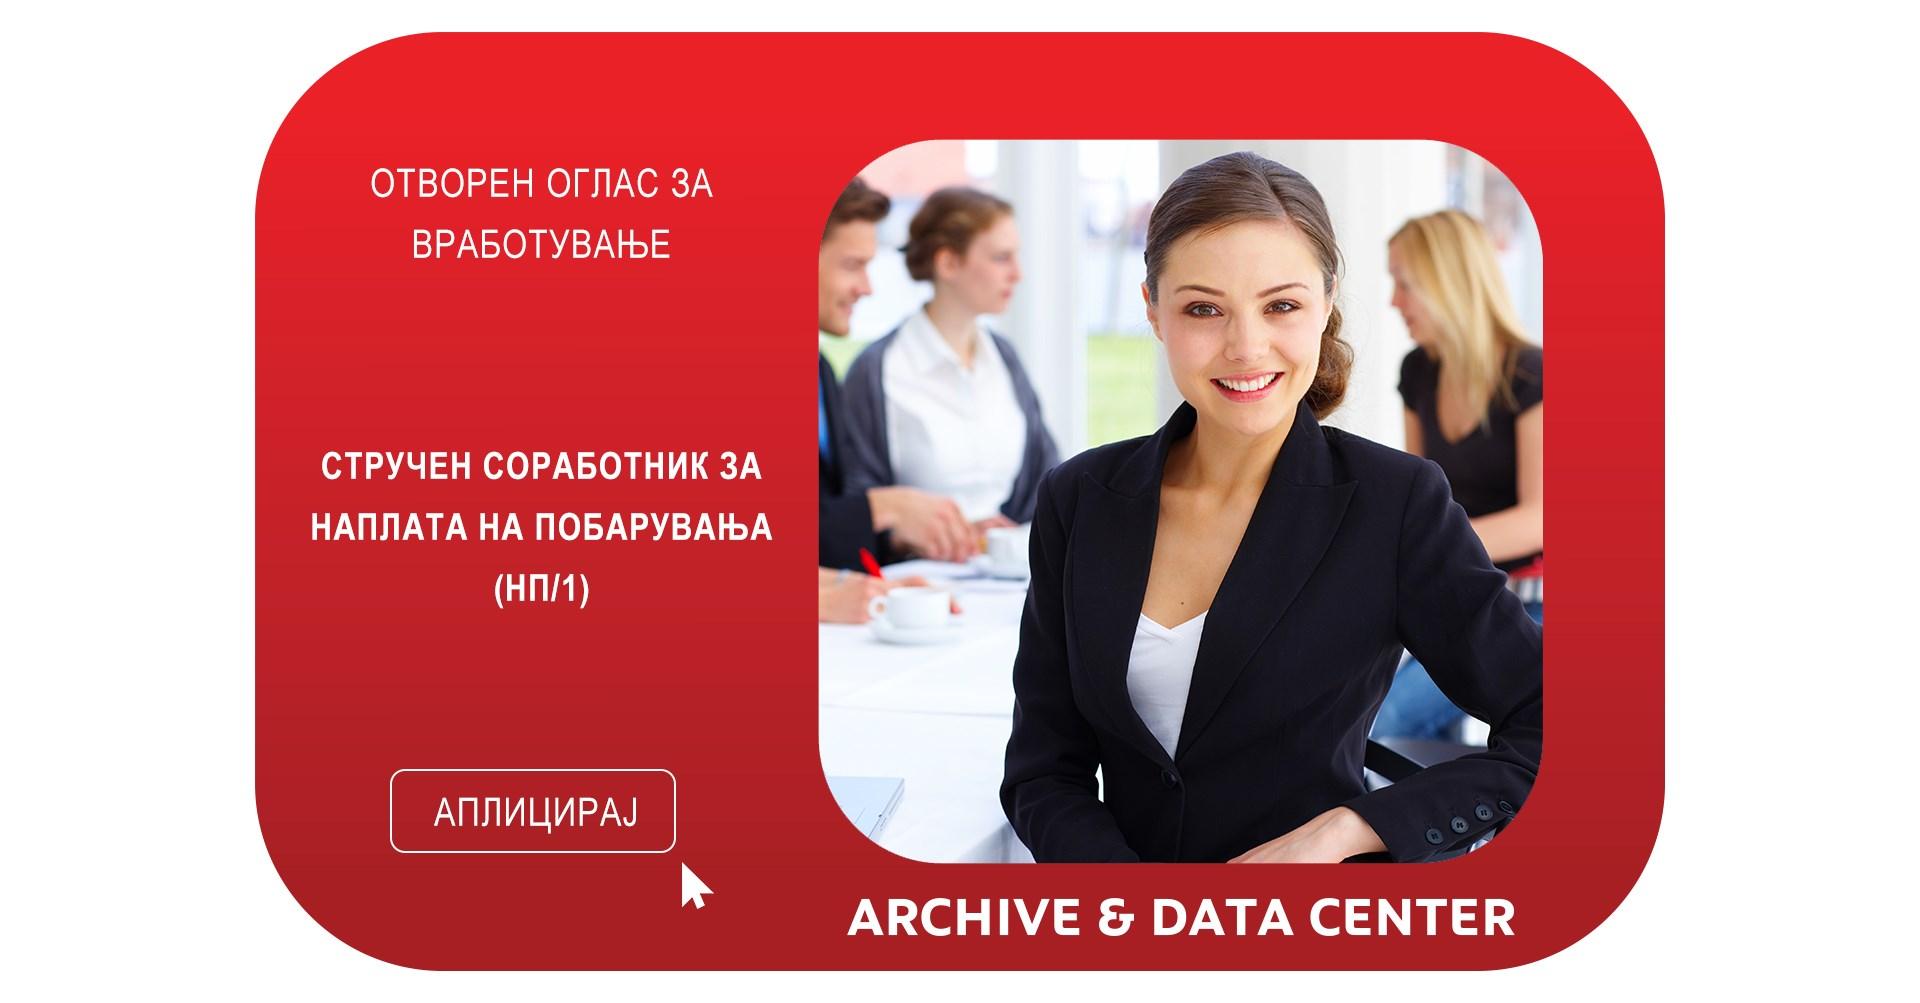 Стручен соработник за односи со клиенти и наплата на побарувања (NP/01)